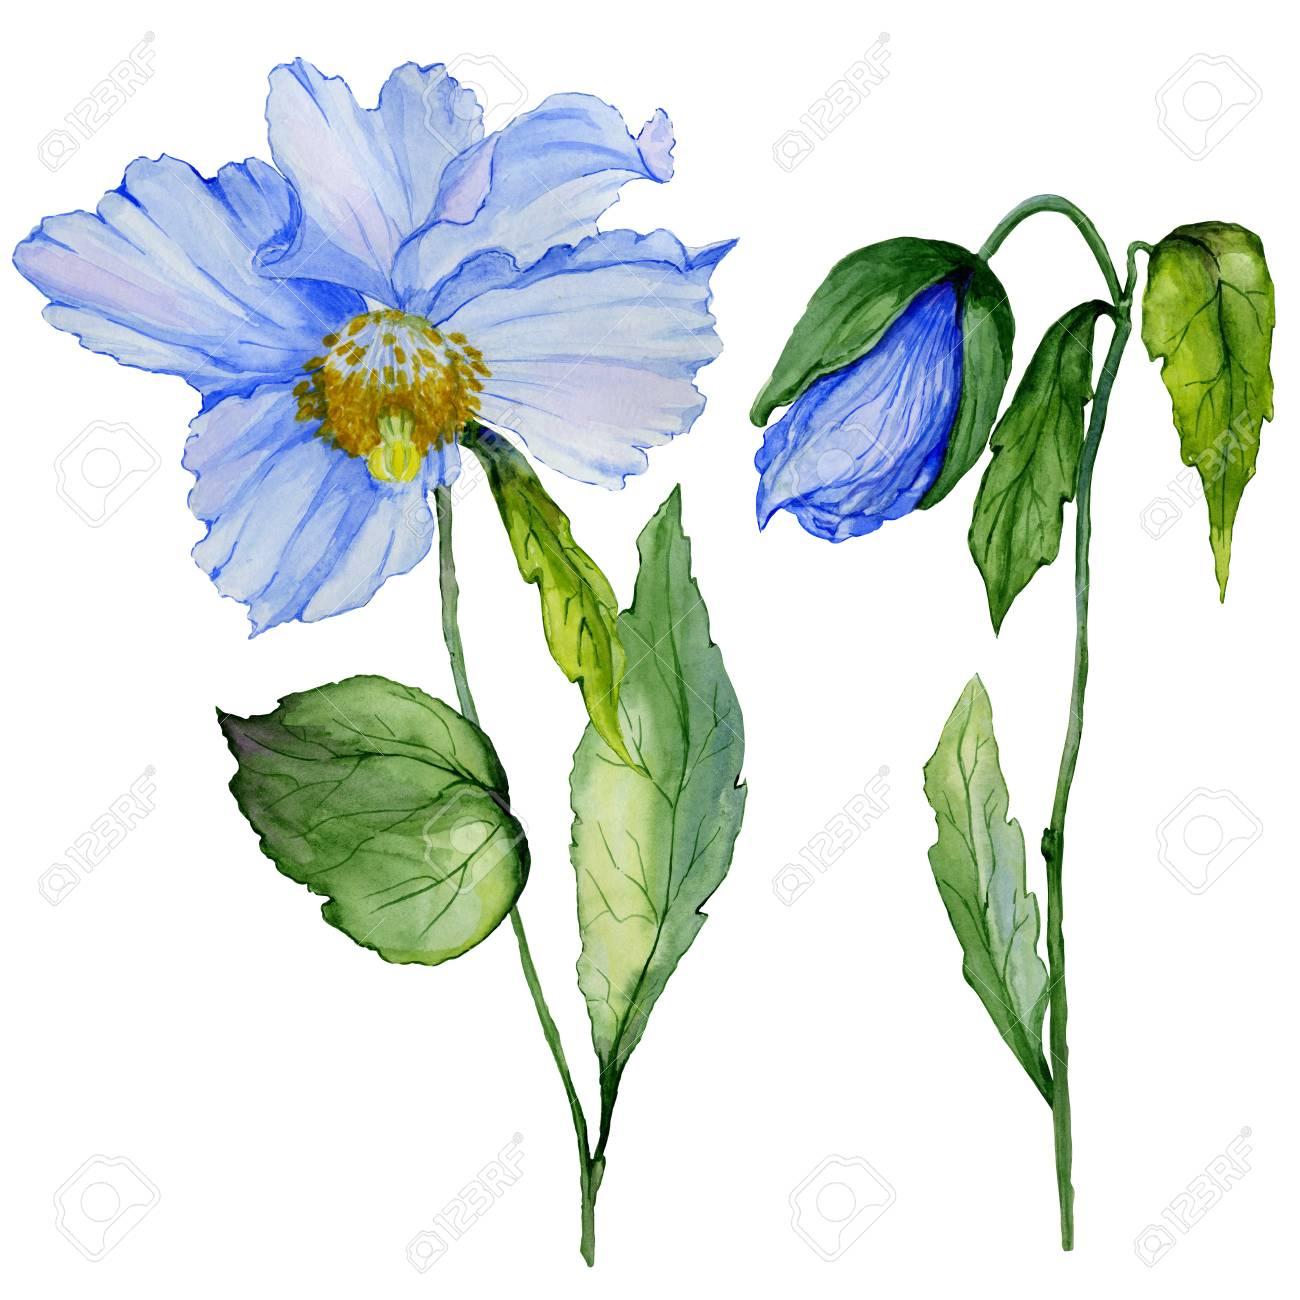 Beautiful blue poppy flower with green leaves set large beautiful blue poppy flower with green leaves set large meconopsis flower and stem with mightylinksfo